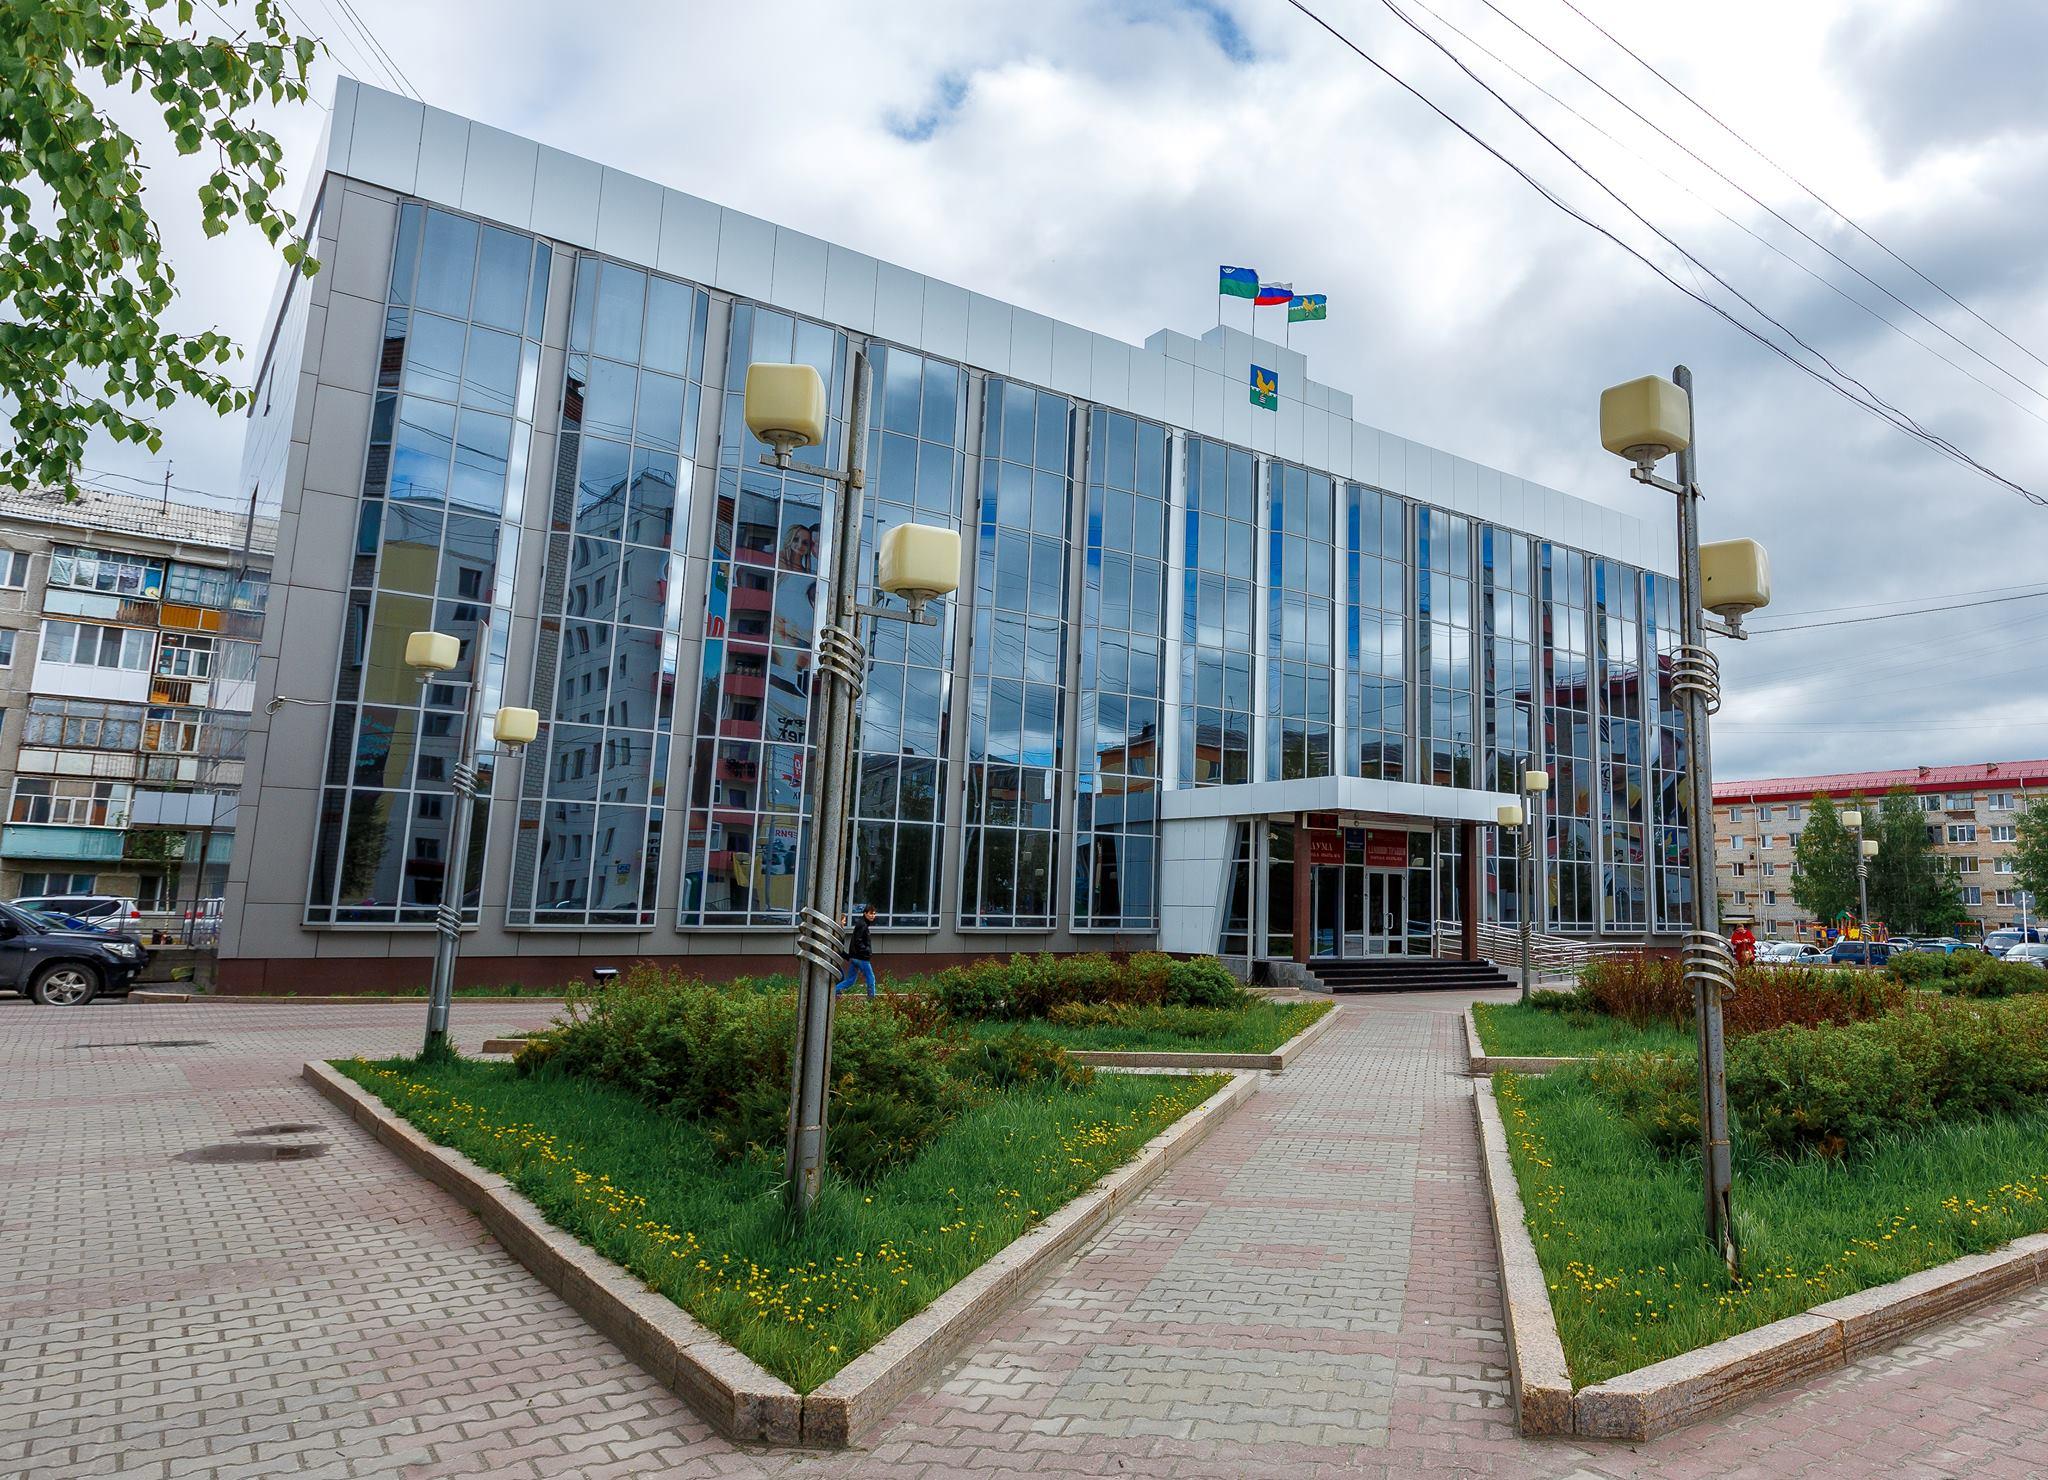 ПОДД г. Пыть-Ях в Ханты-Мансийском автономном округе-Югре